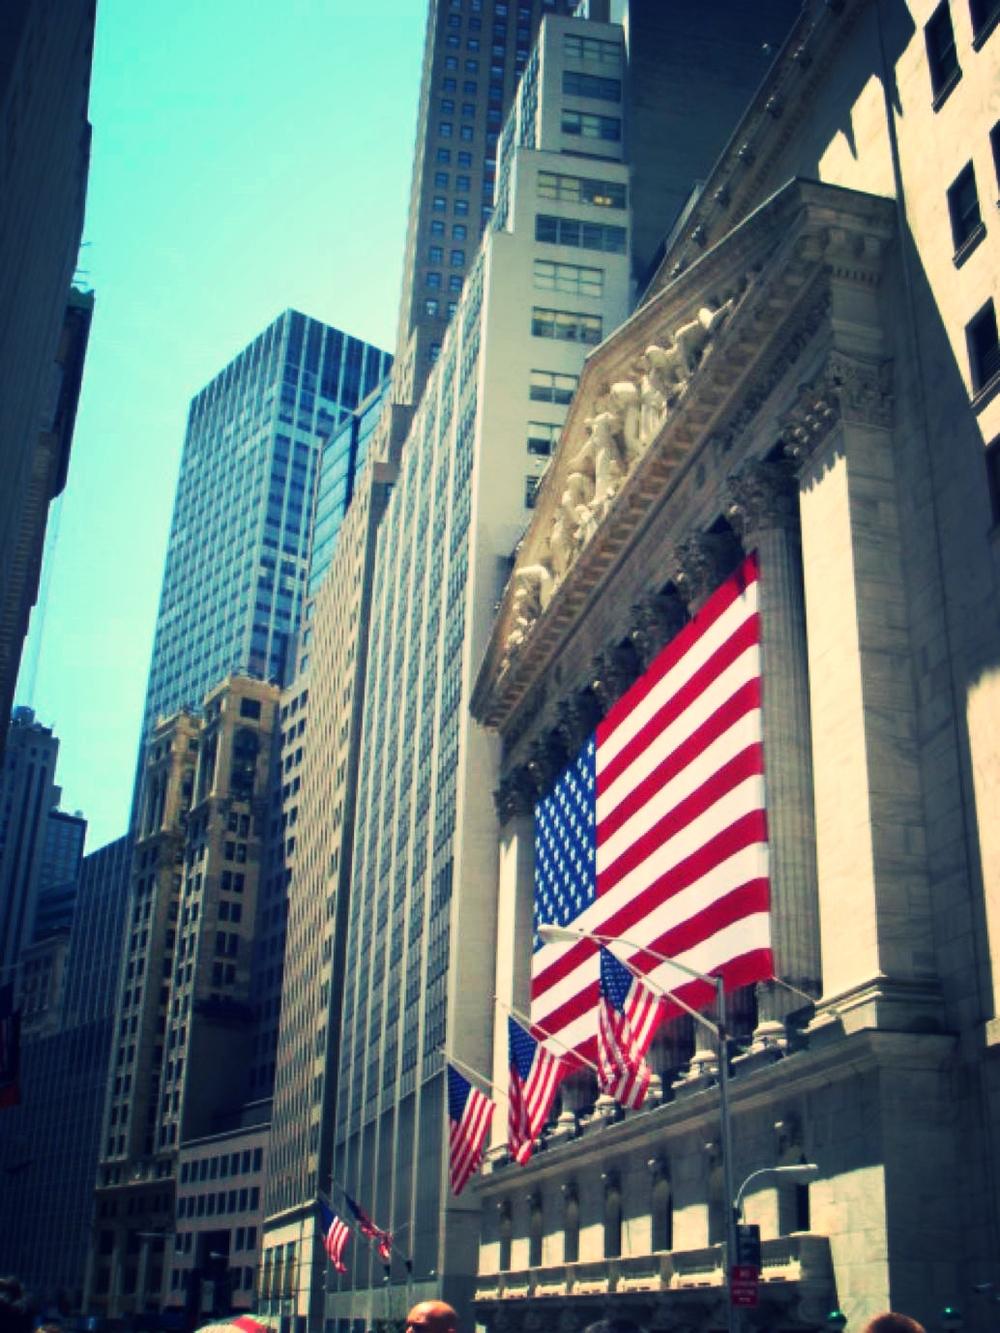 NYC_gethungry_14 029.jpg